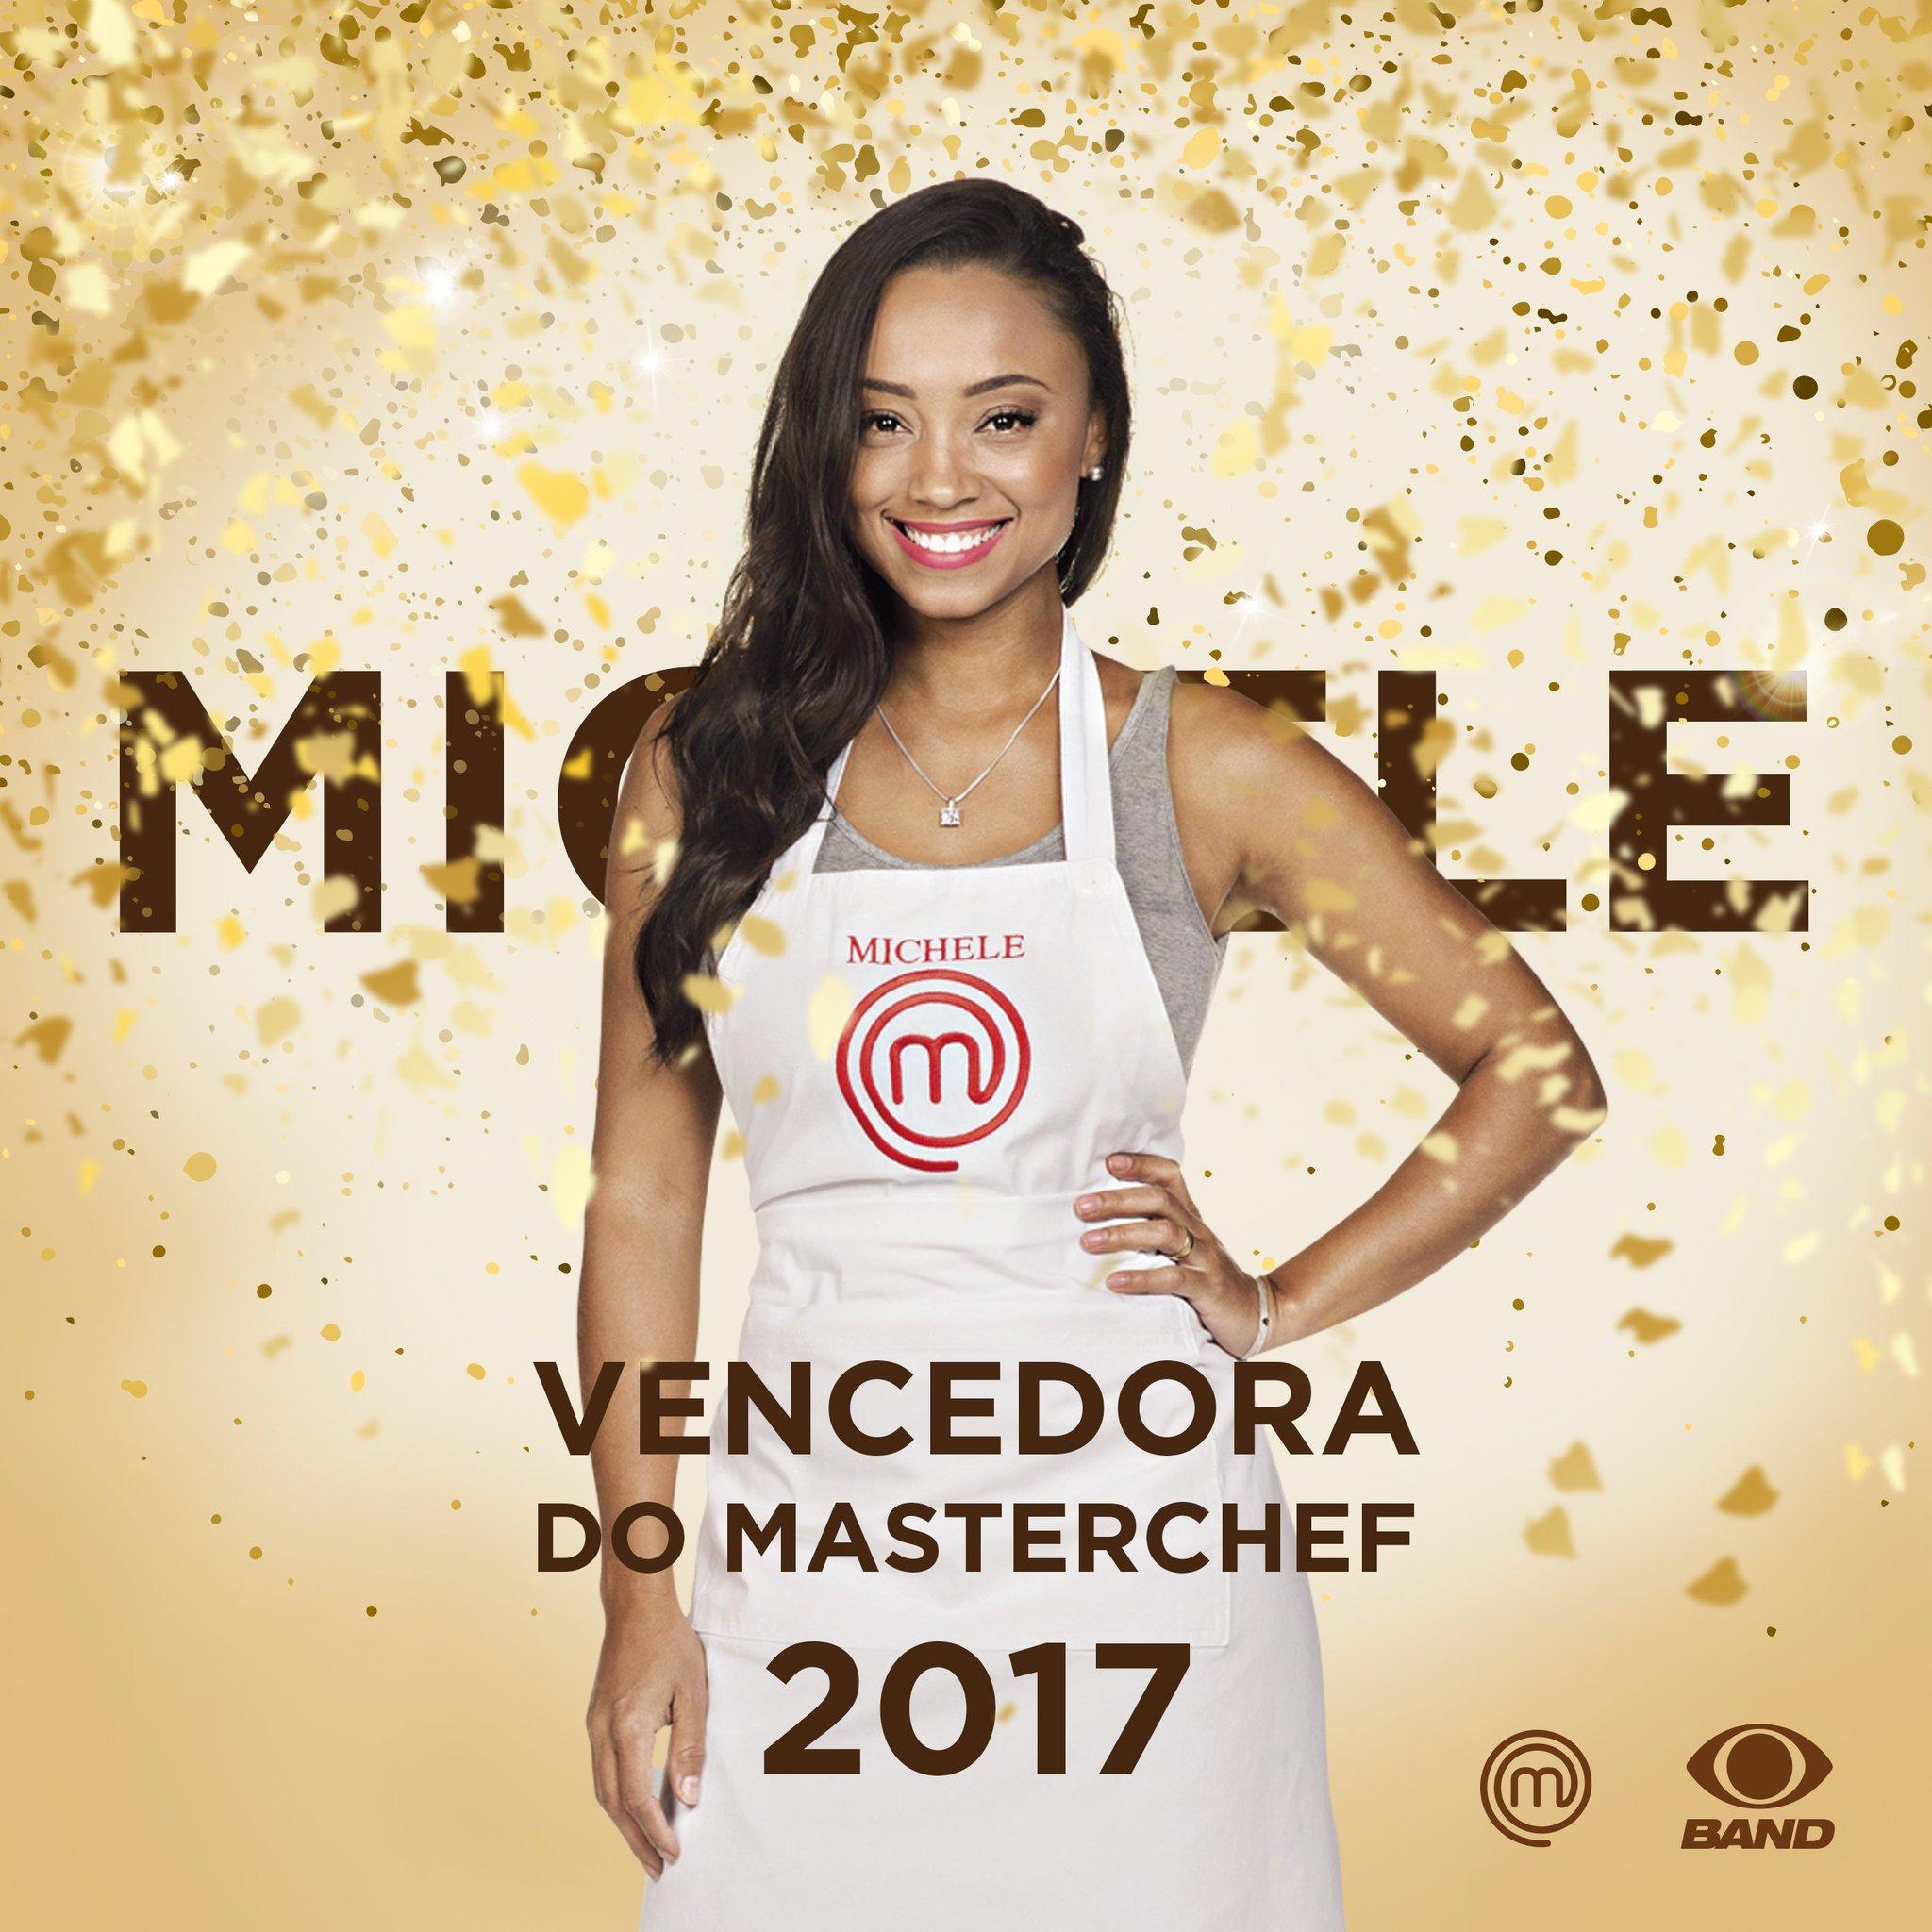 É com muito orgulho que anunciamos que a @MChefMichele é a nova #MasterChefBR! Parabéns! https://t.co/nUL3aLXQmO